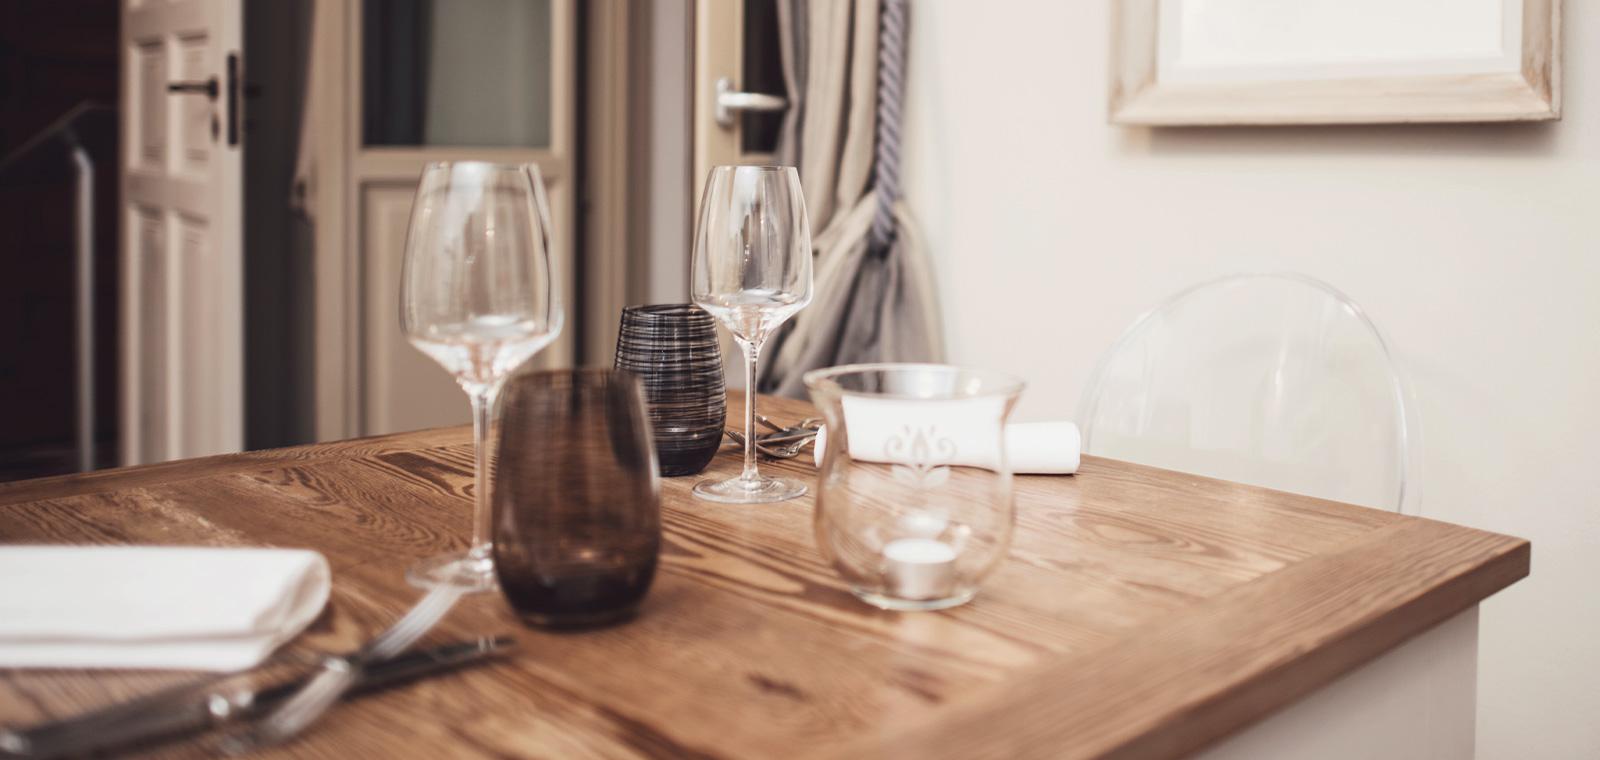 Compila il form e richiedi la disponibilità di un tavolo